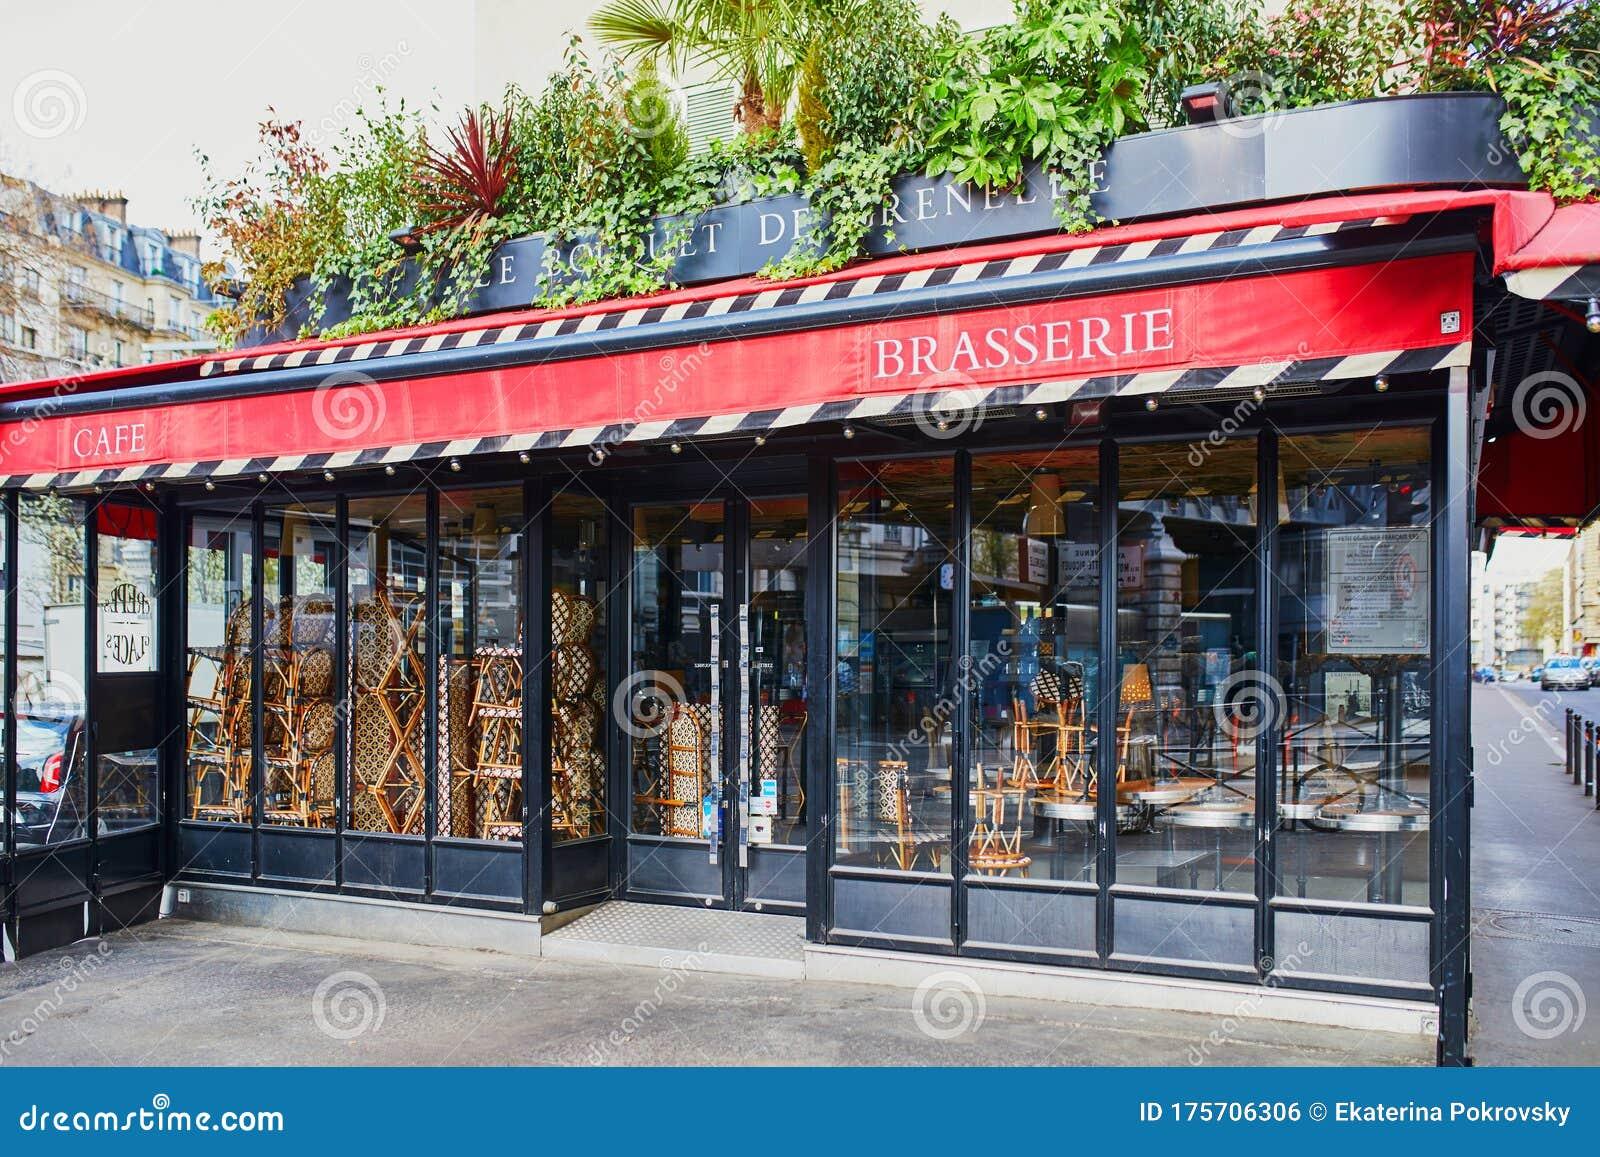 Restaurants paris france THE 10